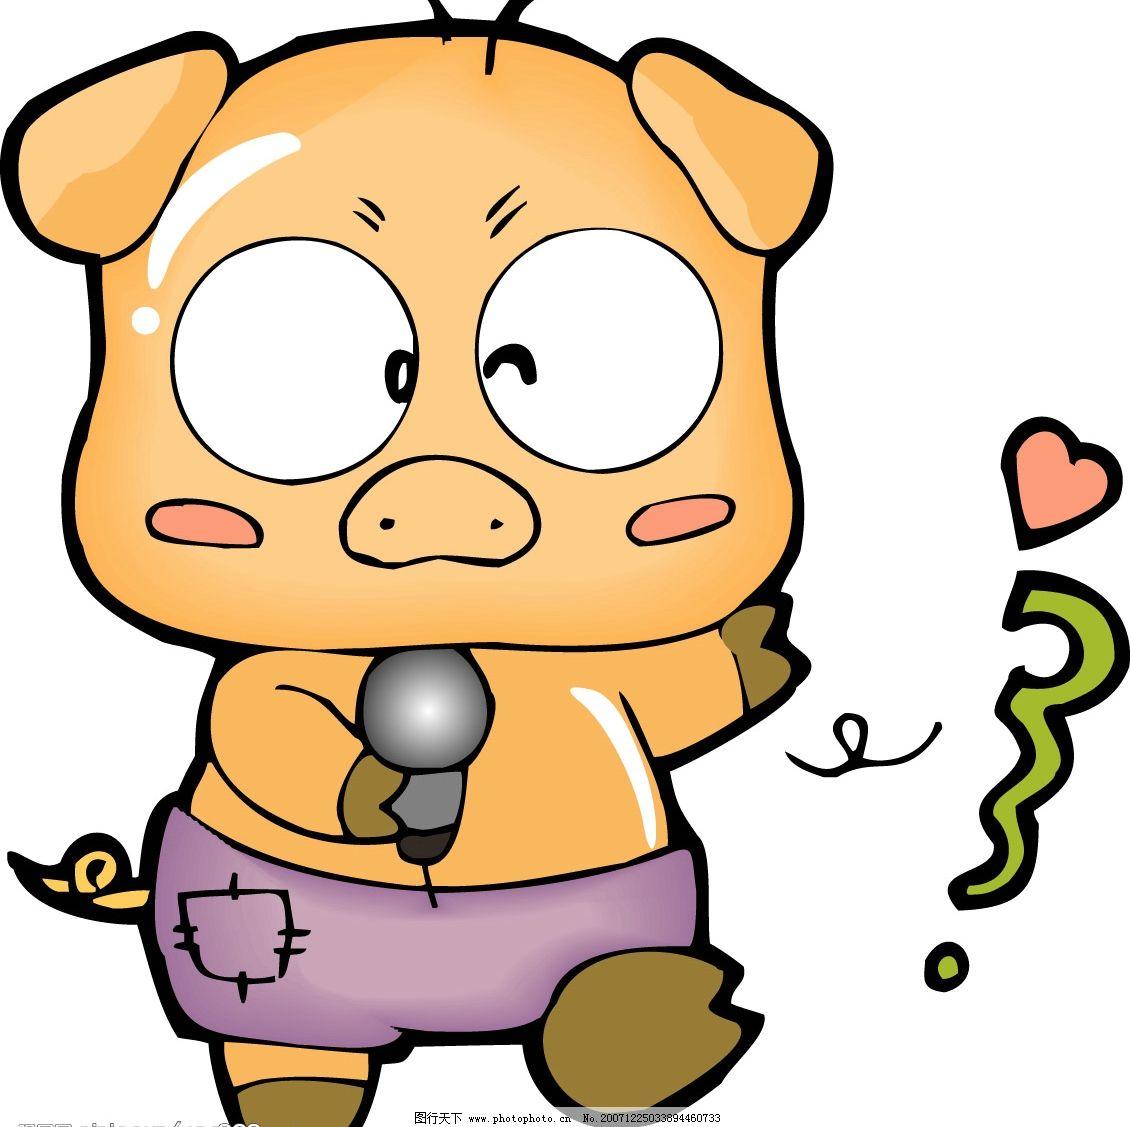 猪的矢量图 超级可爱的猪 包含各种姿势 场景 其他矢量 矢量素材